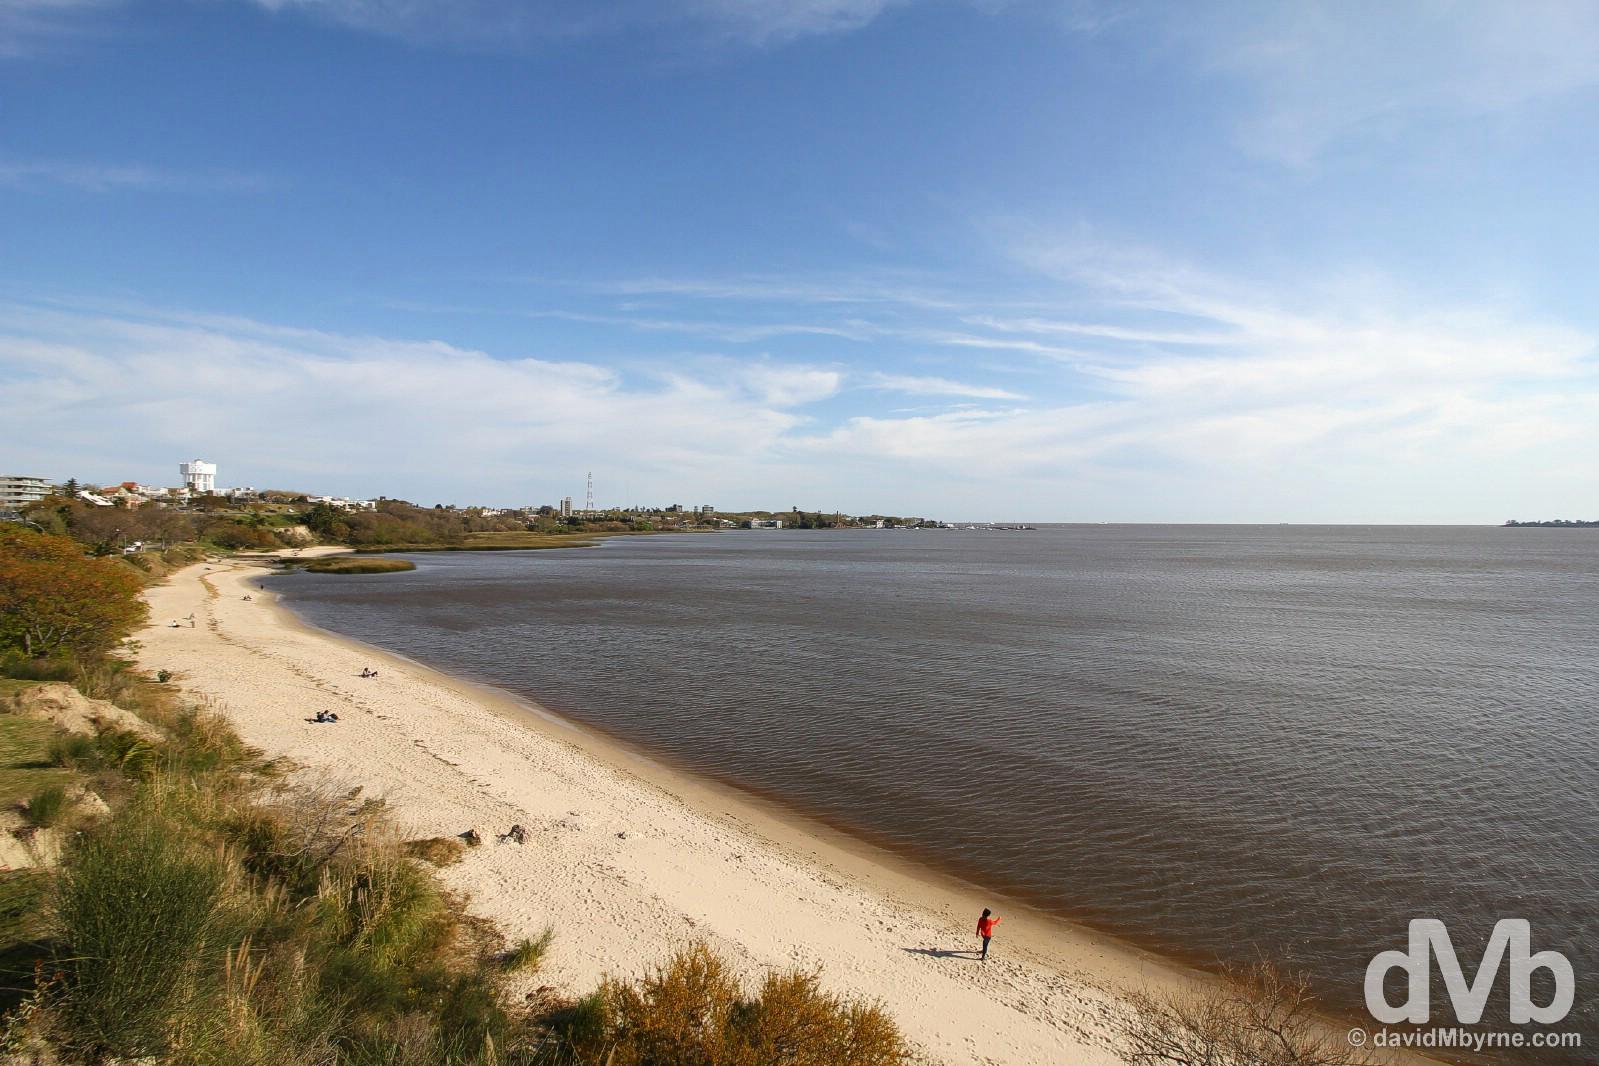 Playa urbana Blaneario Municipial, Colonia Del Sacramento, Uruguay. September 20, 2015.